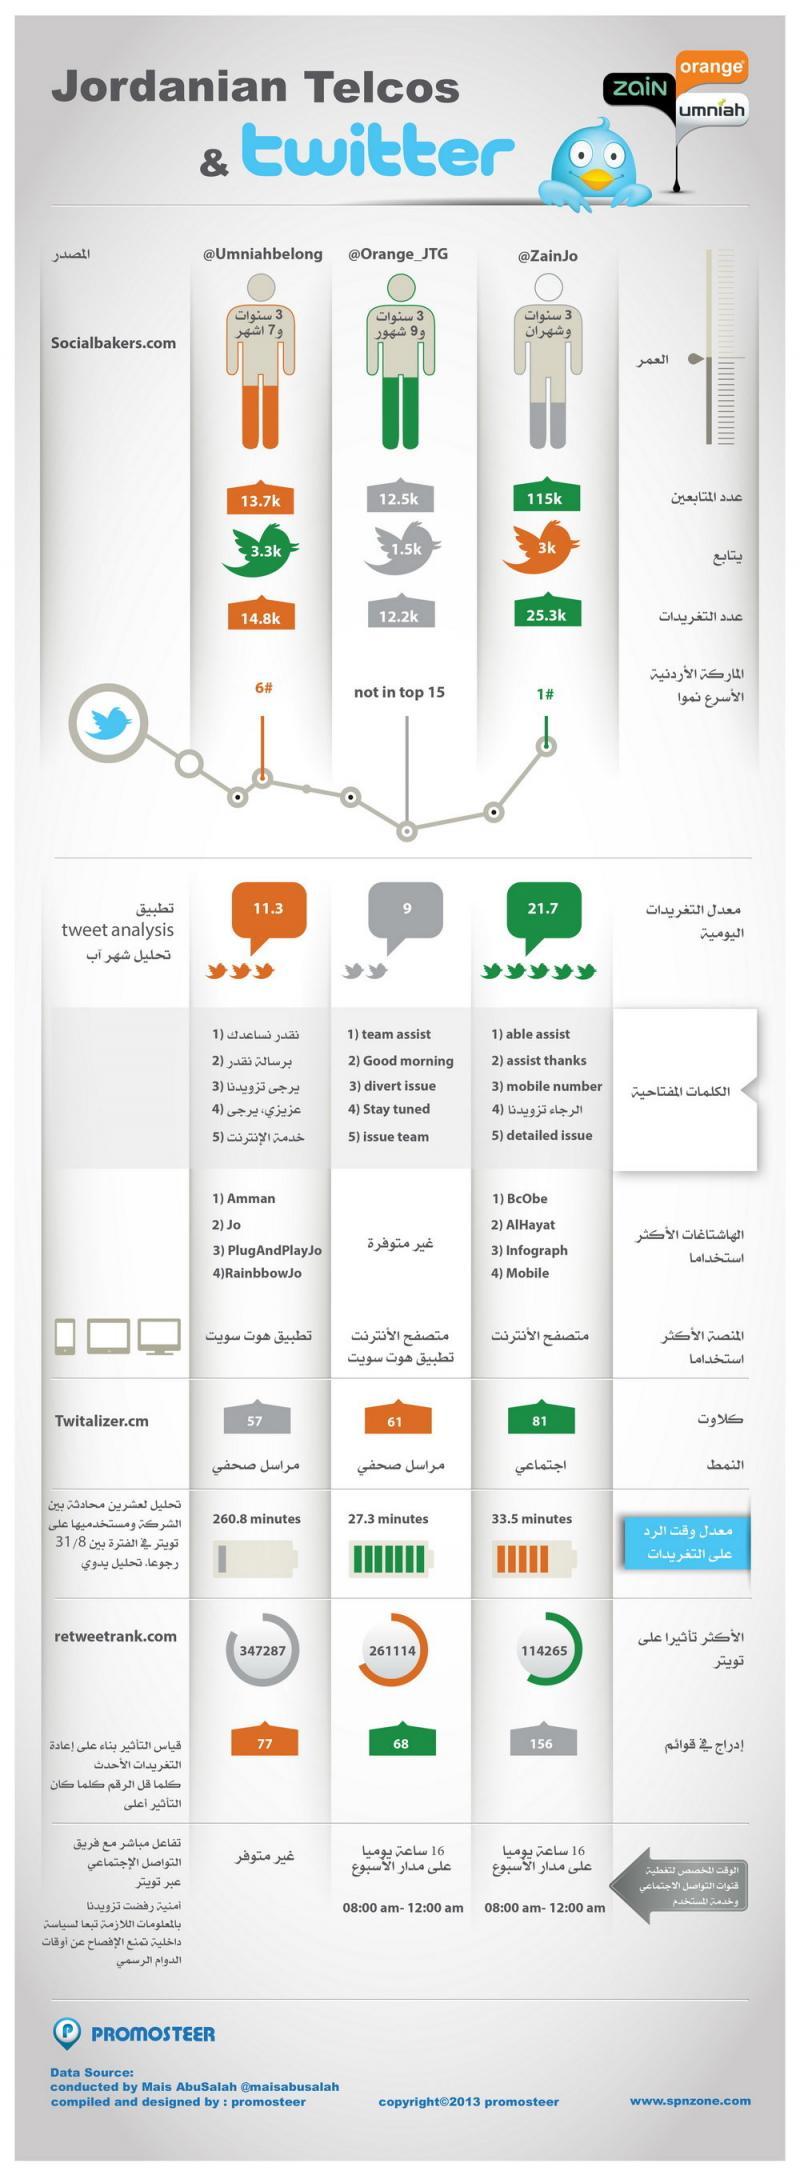 شركات الاتصالات الأردنية على تويتر - انفوغراف